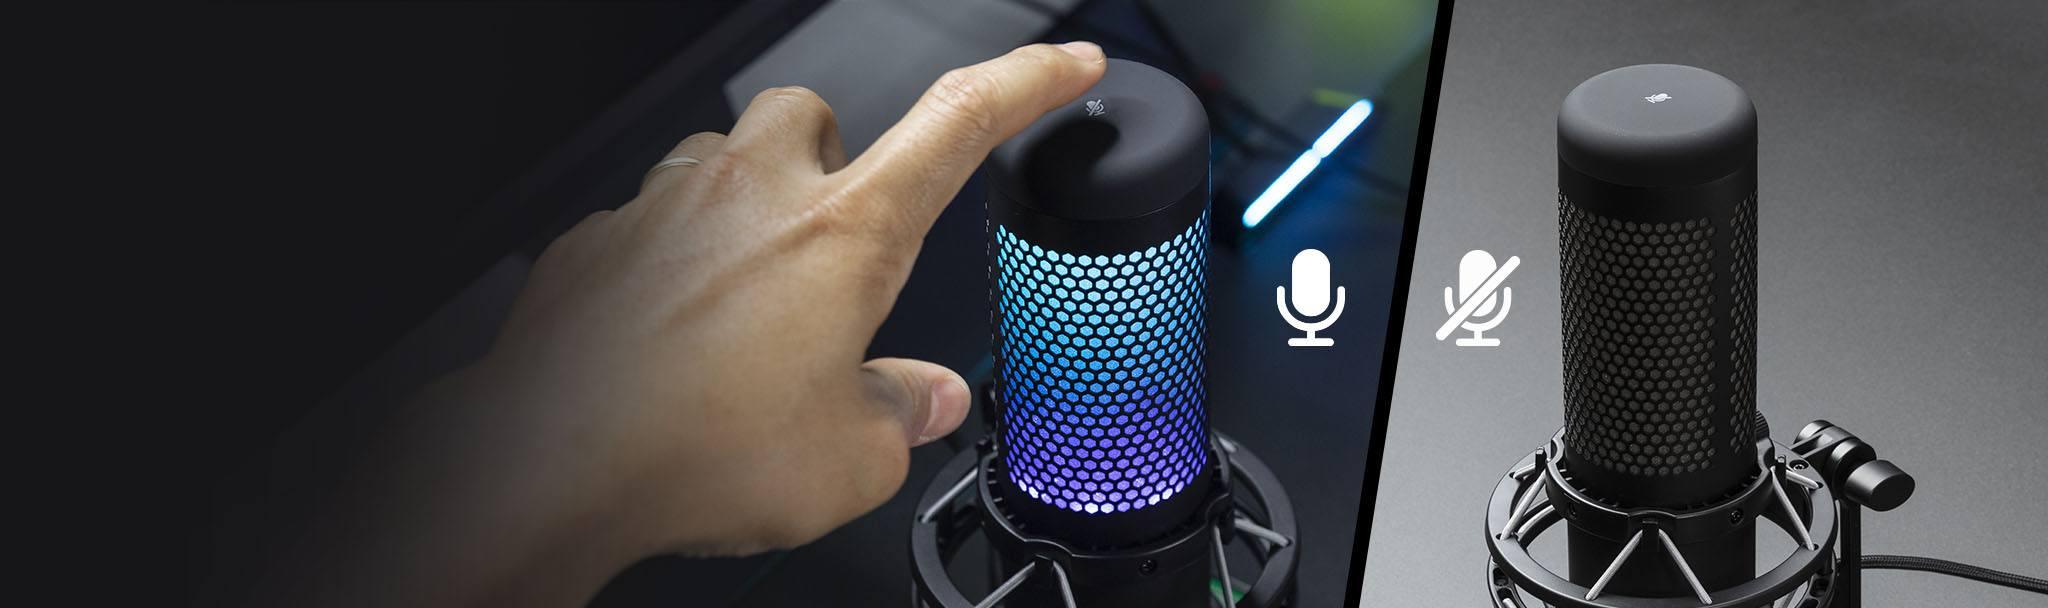 Microphone Kingston HyperX QuadCast S RGB - HMIQ1S-XX-RG/G có thể tắt tiếng bằng 1 chạm